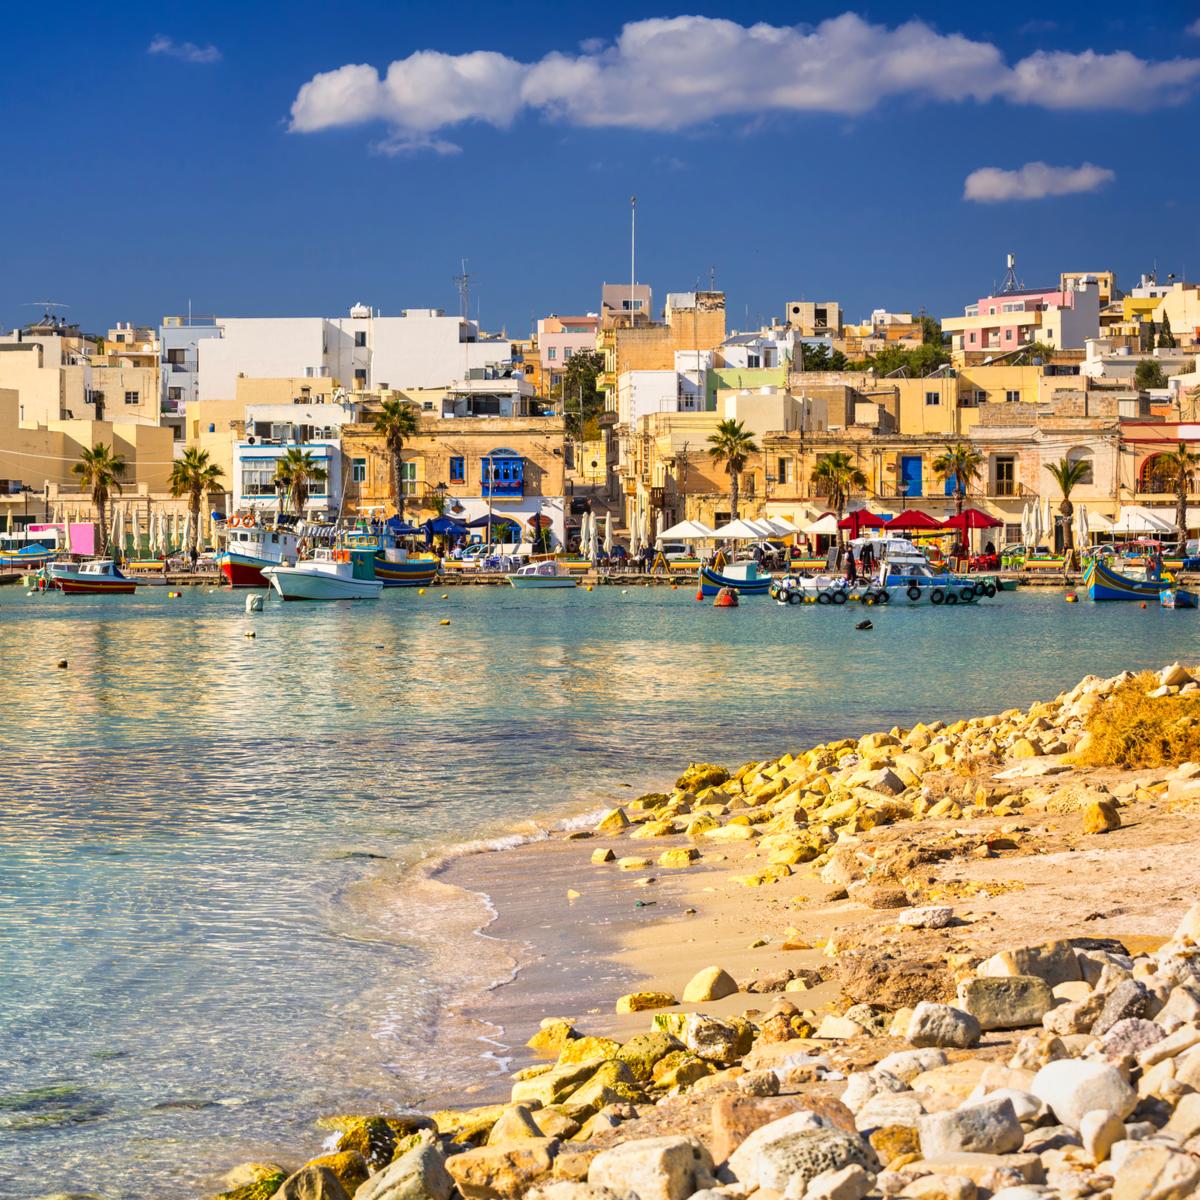 Beach in Marsaxlokk, Malta.